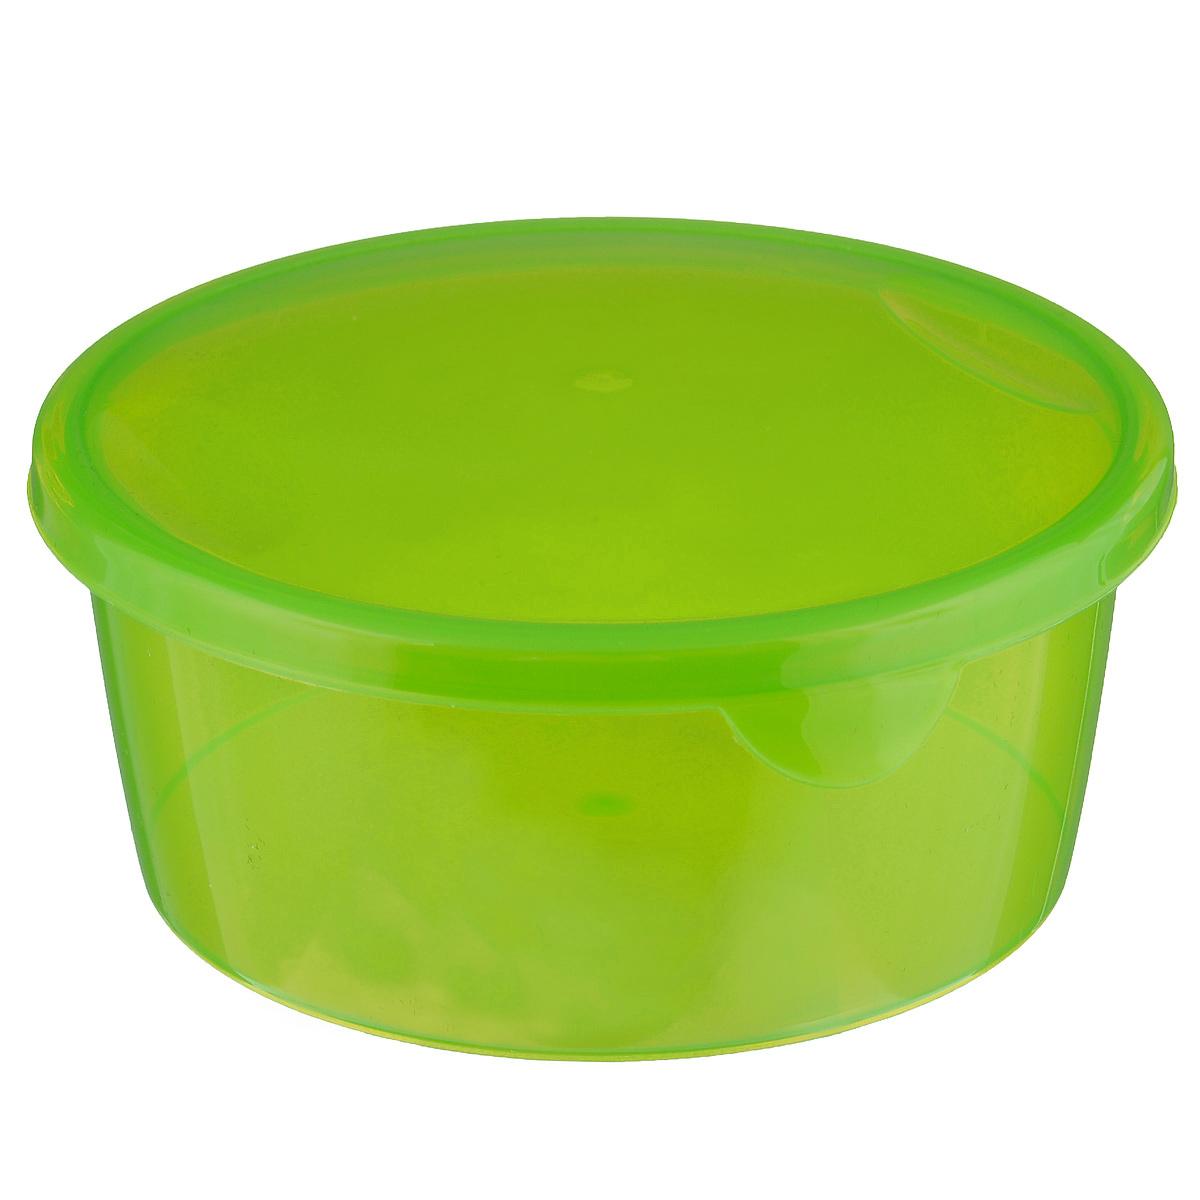 Контейнер P&C Браво, цвет: зеленый, 500 млПЦ1032Контейнер P&C Браво выполнен из высококачественного пищевого пластика и предназначен для хранения и транспортировки пищи. Крышка легко открывается и плотно закрывается с помощью легкого щелчка. Подходит для использования в микроволновой печи без крышки (до +100°С), для заморозки при минимальной температуре -30°С. Можно мыть в посудомоечной машине. Диаметр контейнера: 12 см. Высота стенки: 5 см.